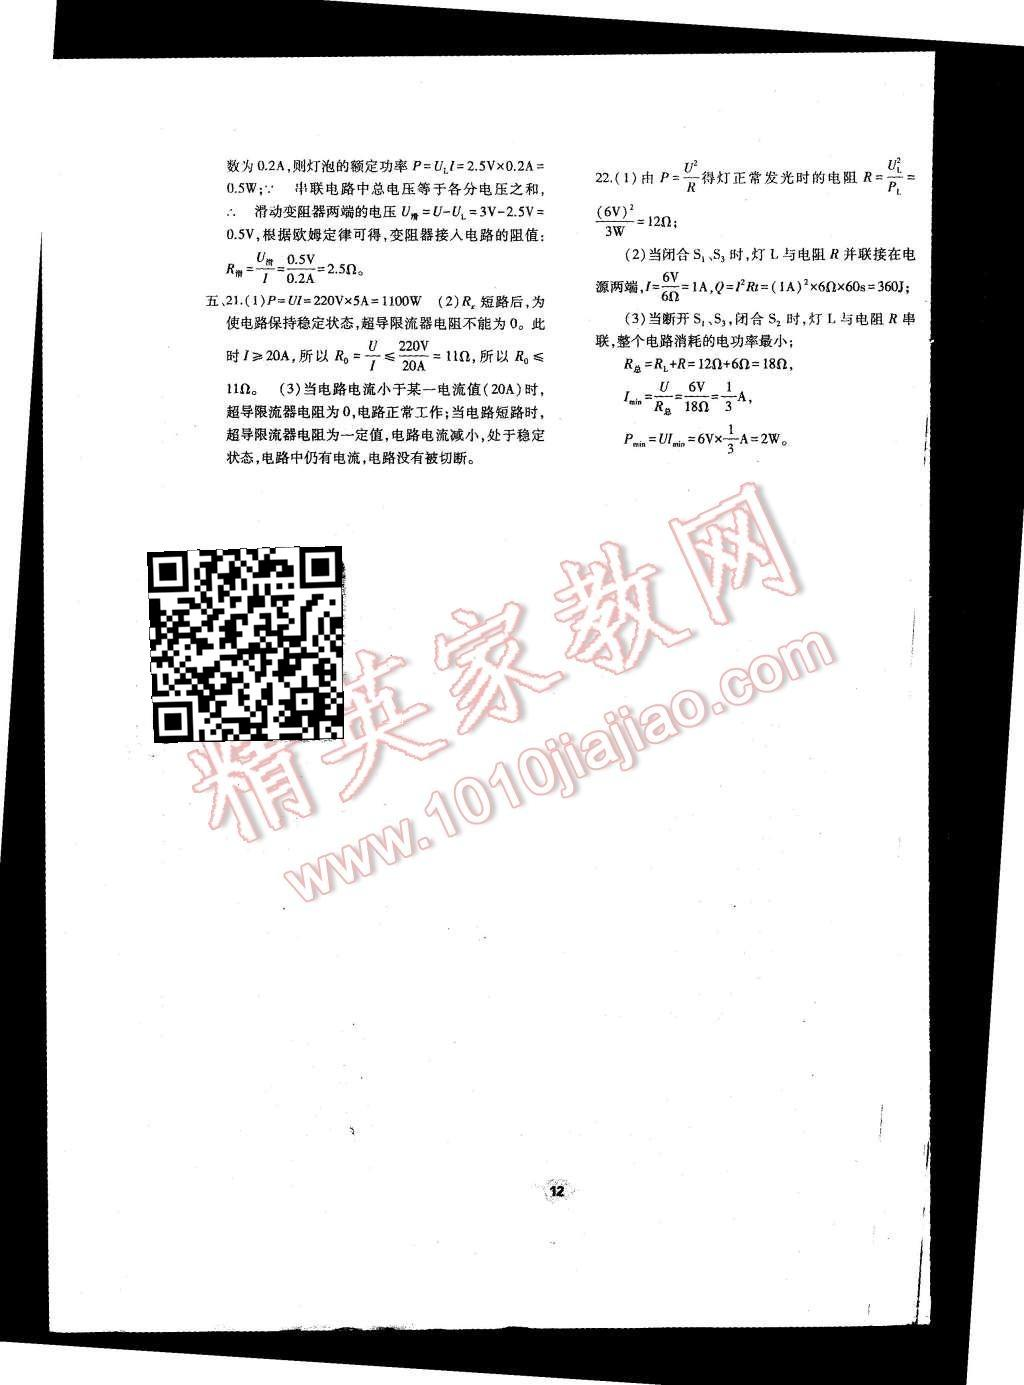 2015年基础训练九年级物理全一册人教版河南省内使用单元评价卷参考答案第12页